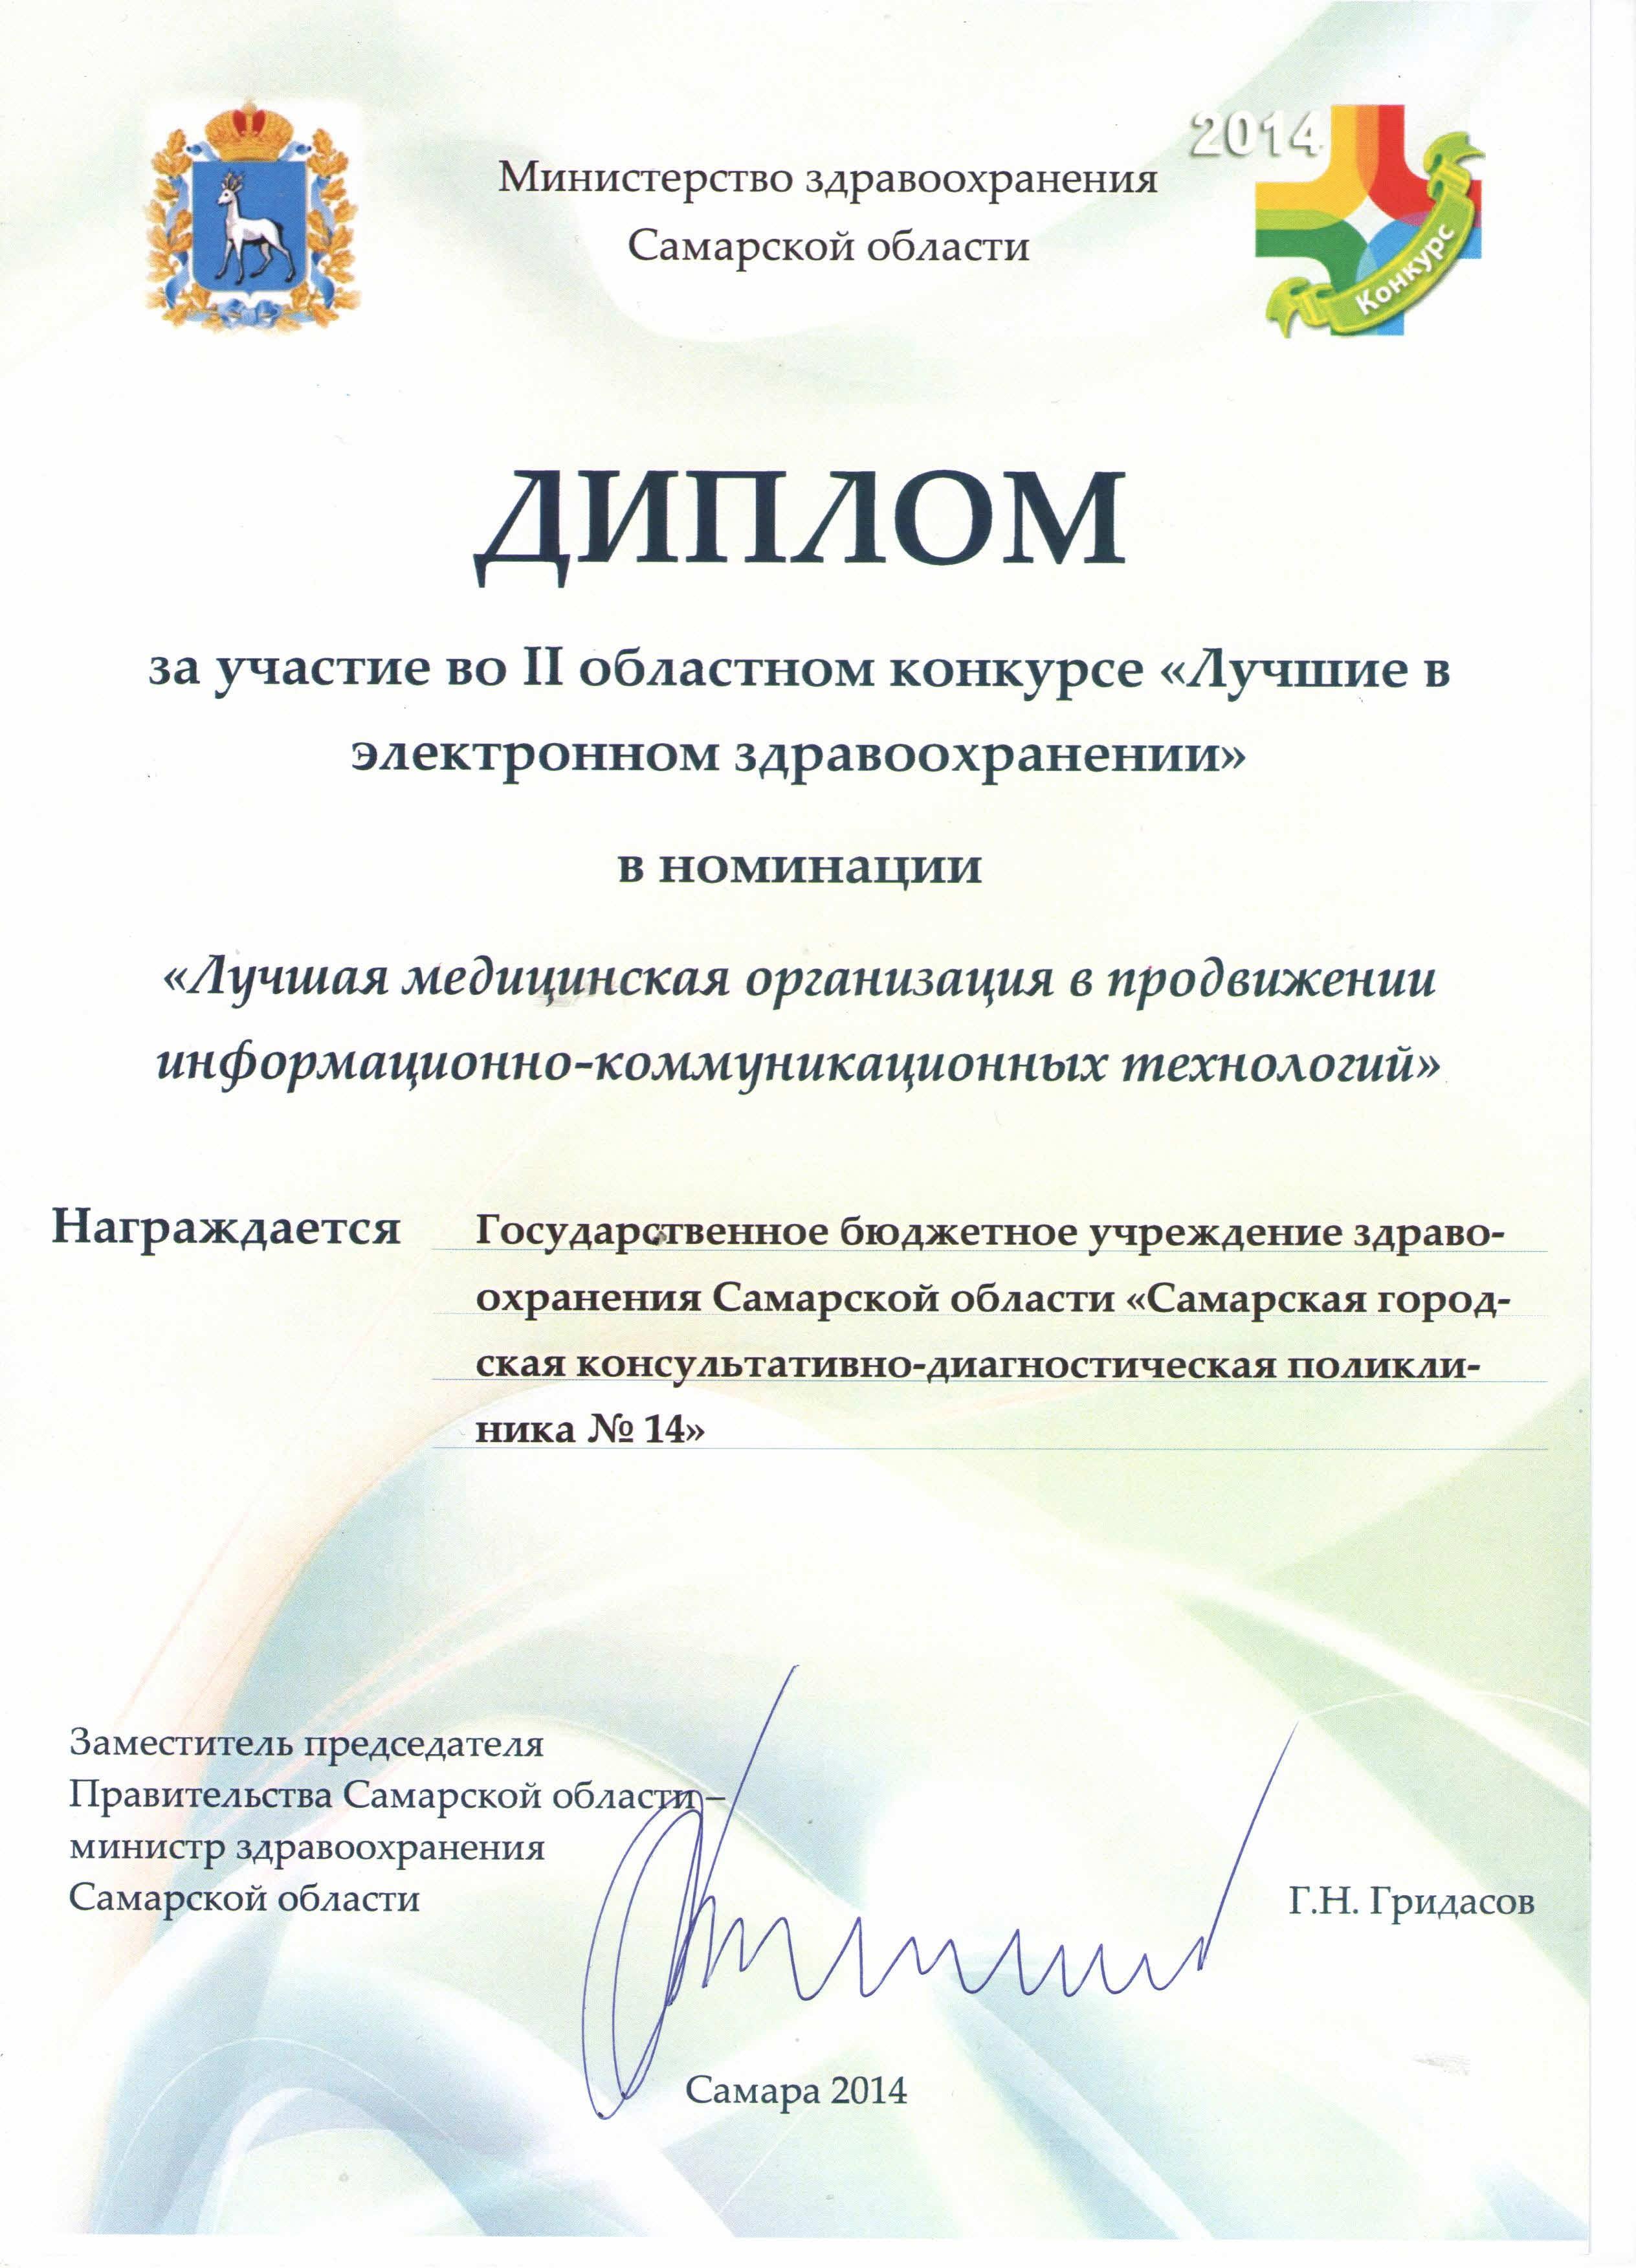 Диплом за участие в ii областном конкурсе Лучшие в электронном   Лучшая медицинская организация в продвижении информационно коммуникационных технологий 2014г Диплом